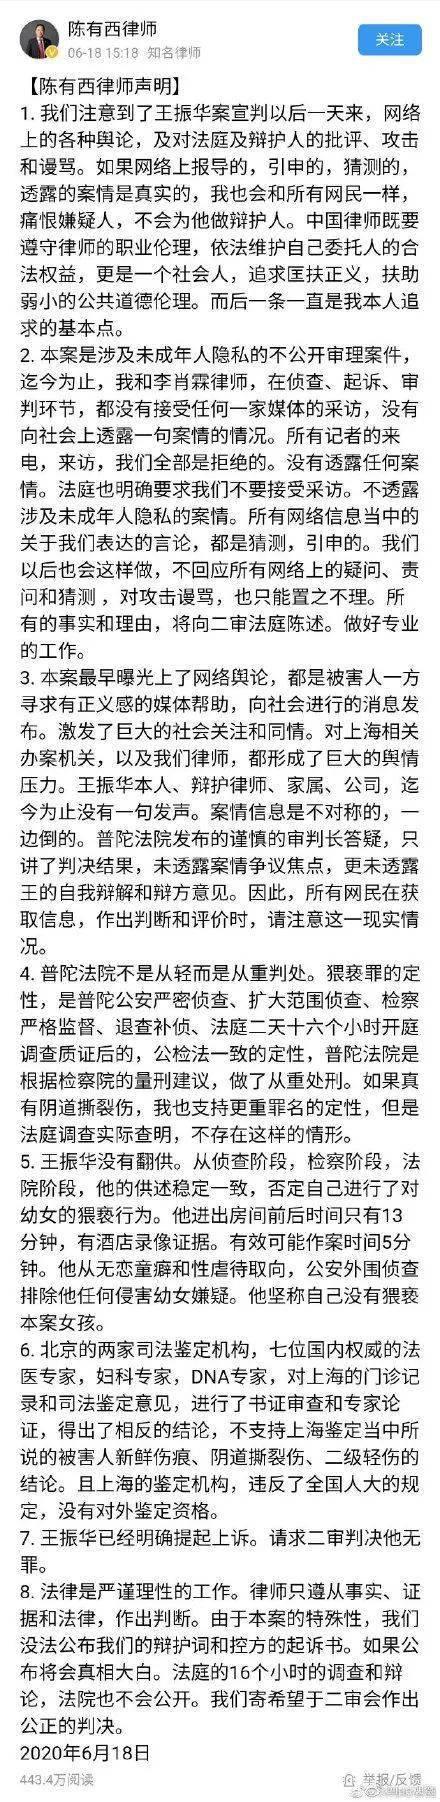 王振华要上诉,请求二审判无罪!受害女童律师:至今没有任何赔偿、安抚